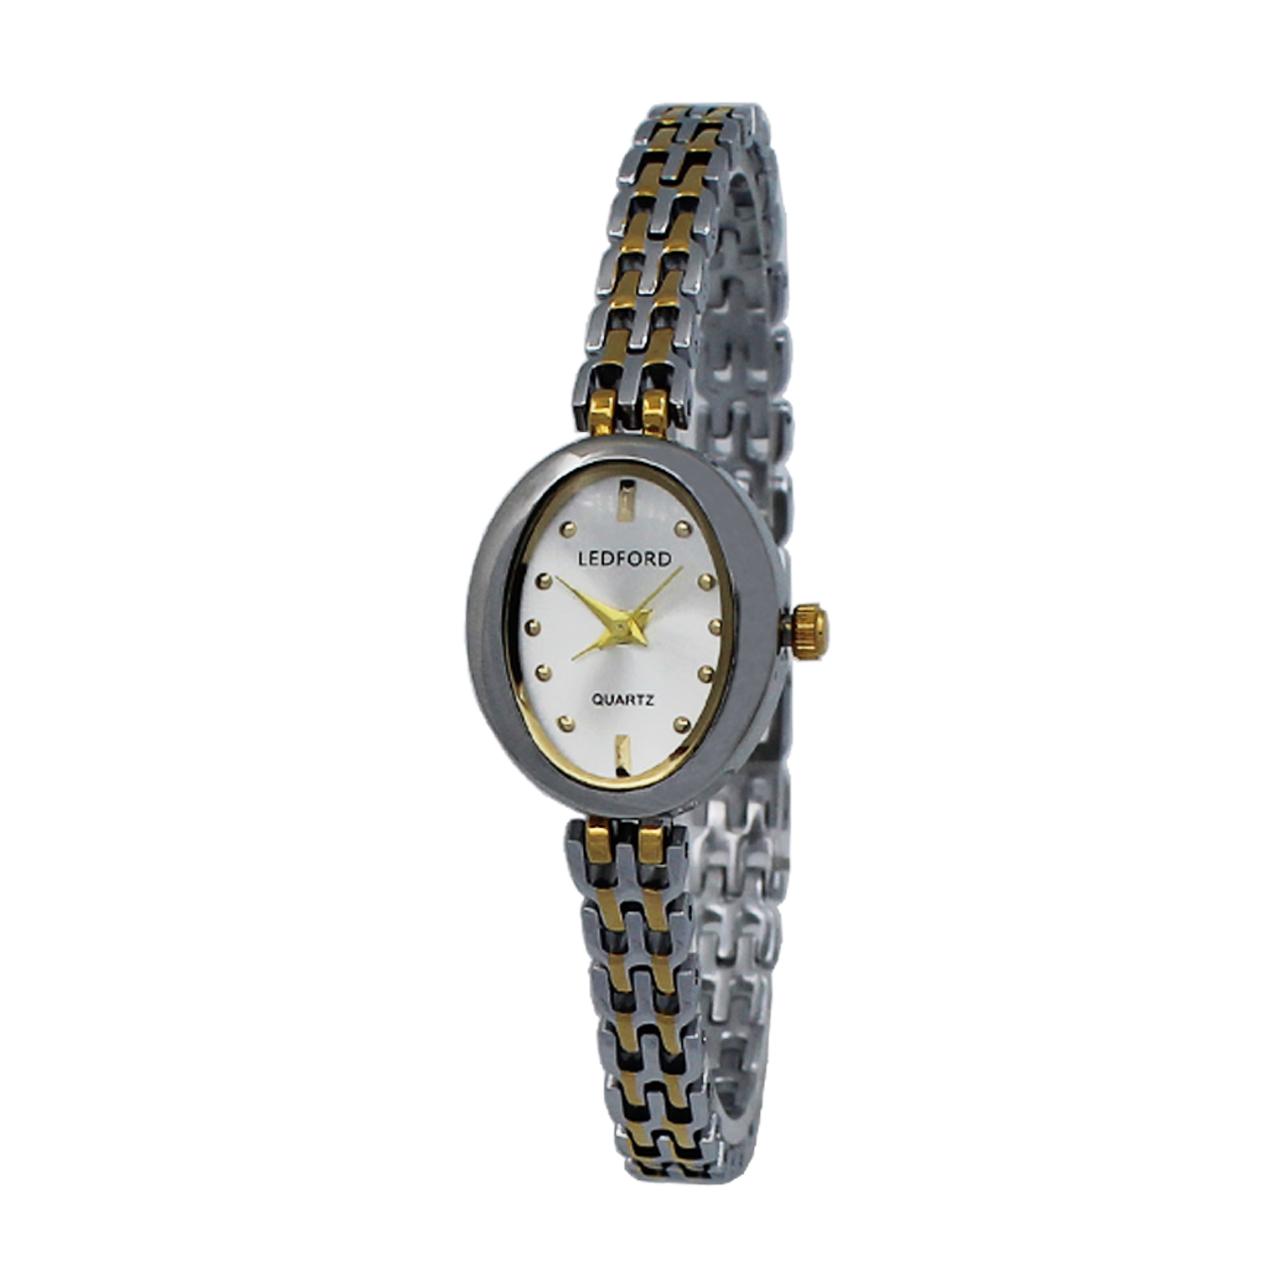 ساعت مچی عقربه ای زنانه لدفورد مدل DGZU-0167 44